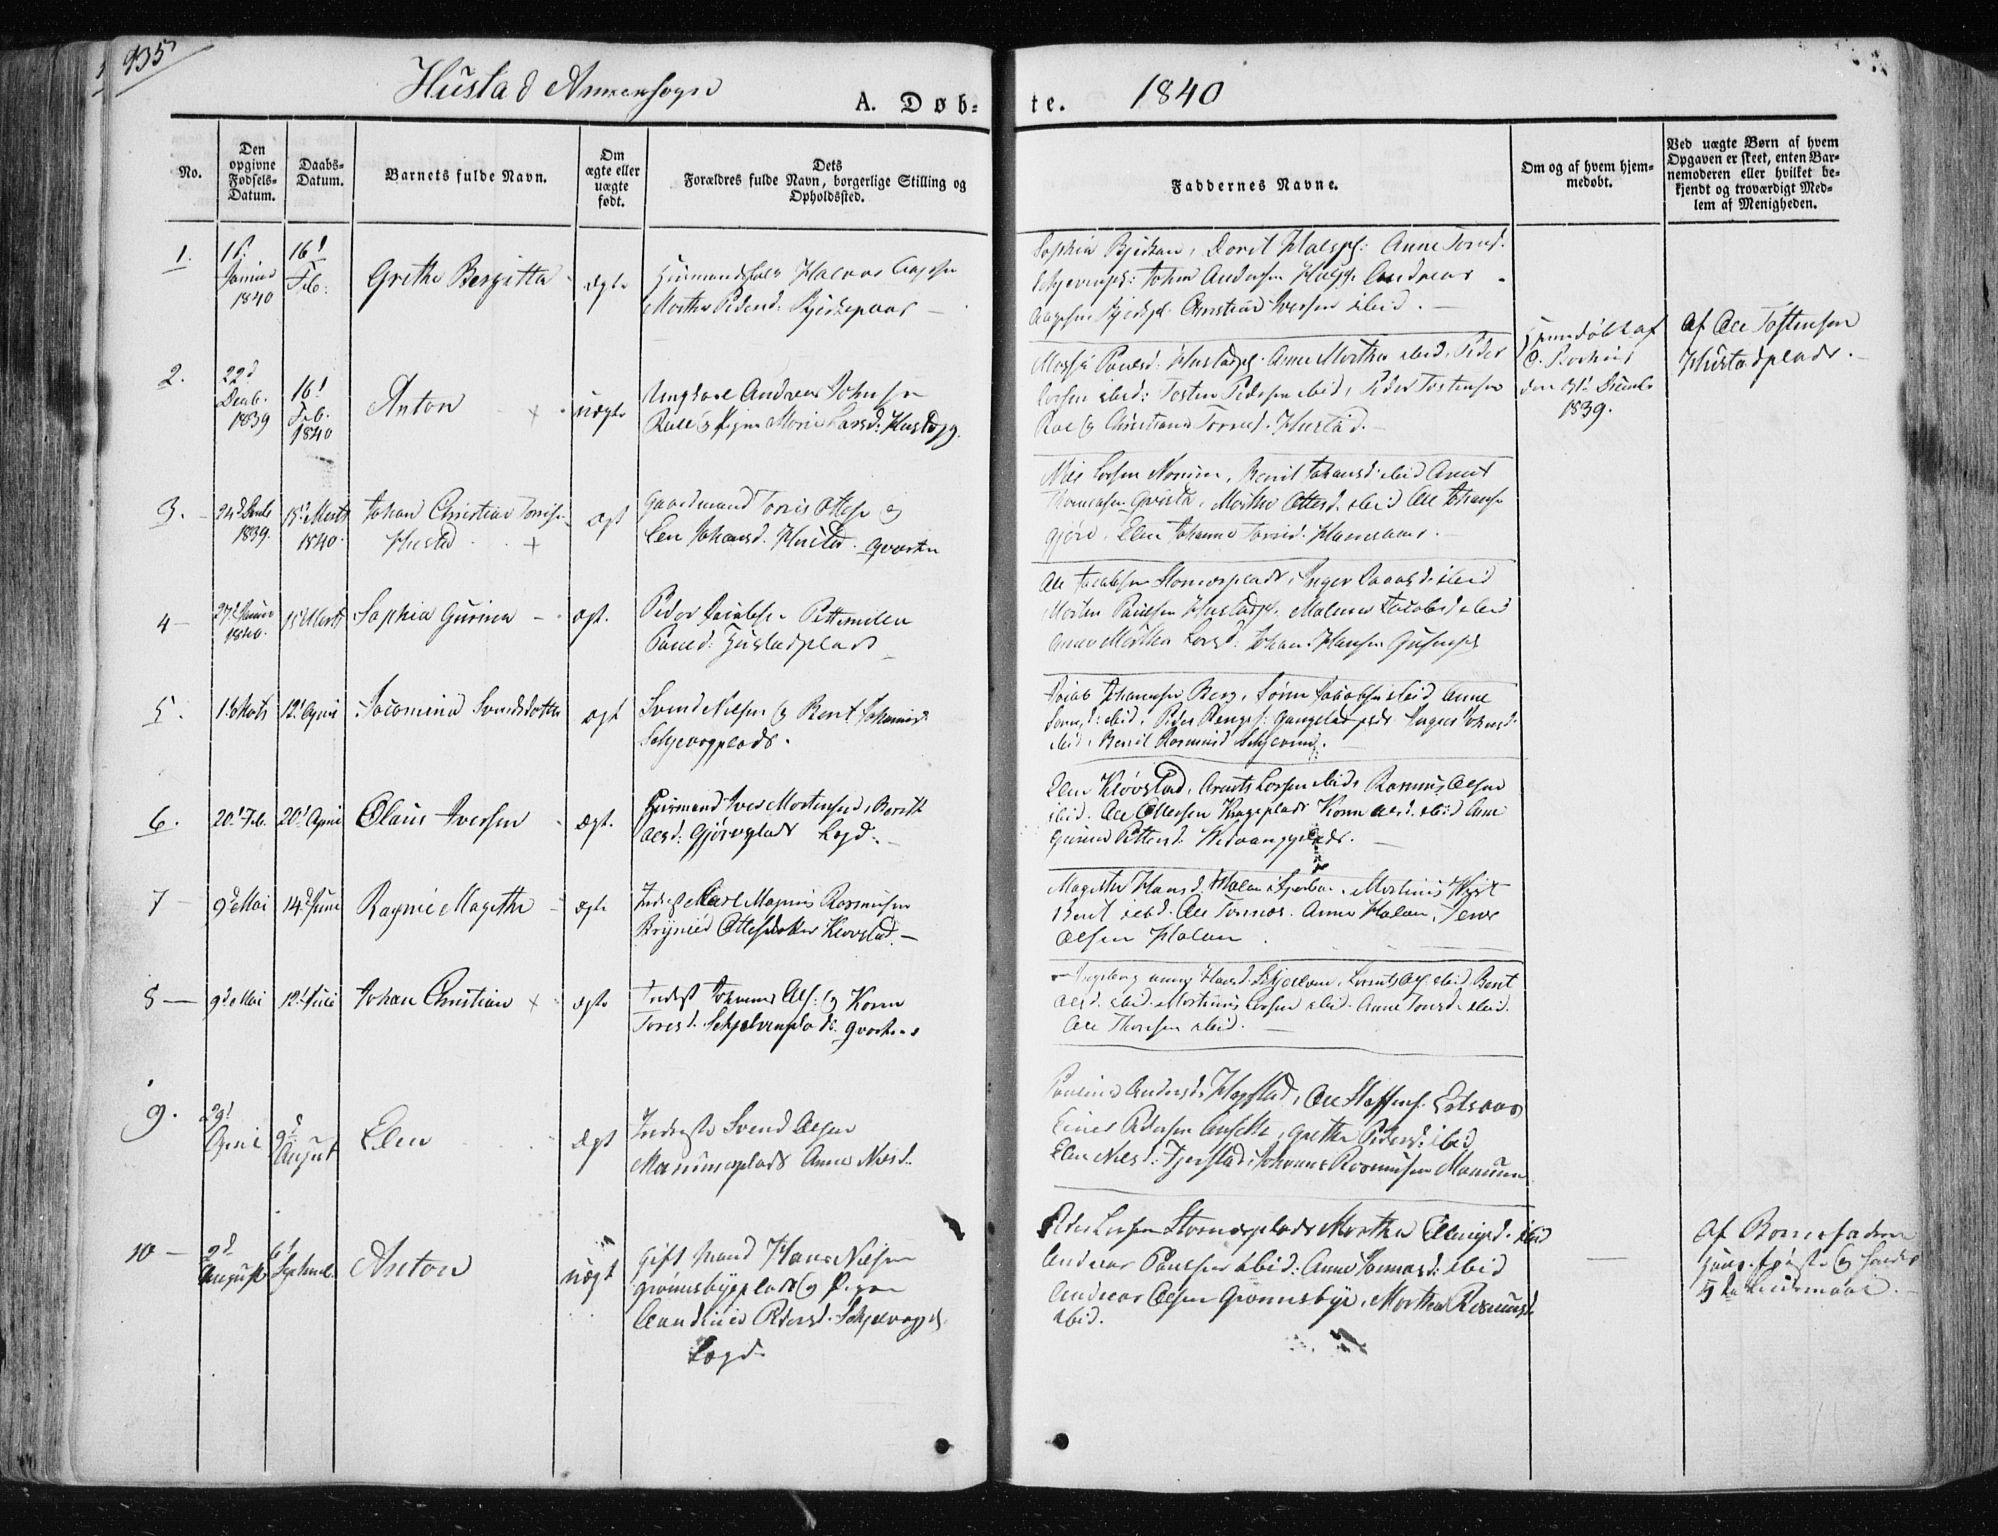 SAT, Ministerialprotokoller, klokkerbøker og fødselsregistre - Nord-Trøndelag, 730/L0280: Ministerialbok nr. 730A07 /3, 1840-1854, s. 135